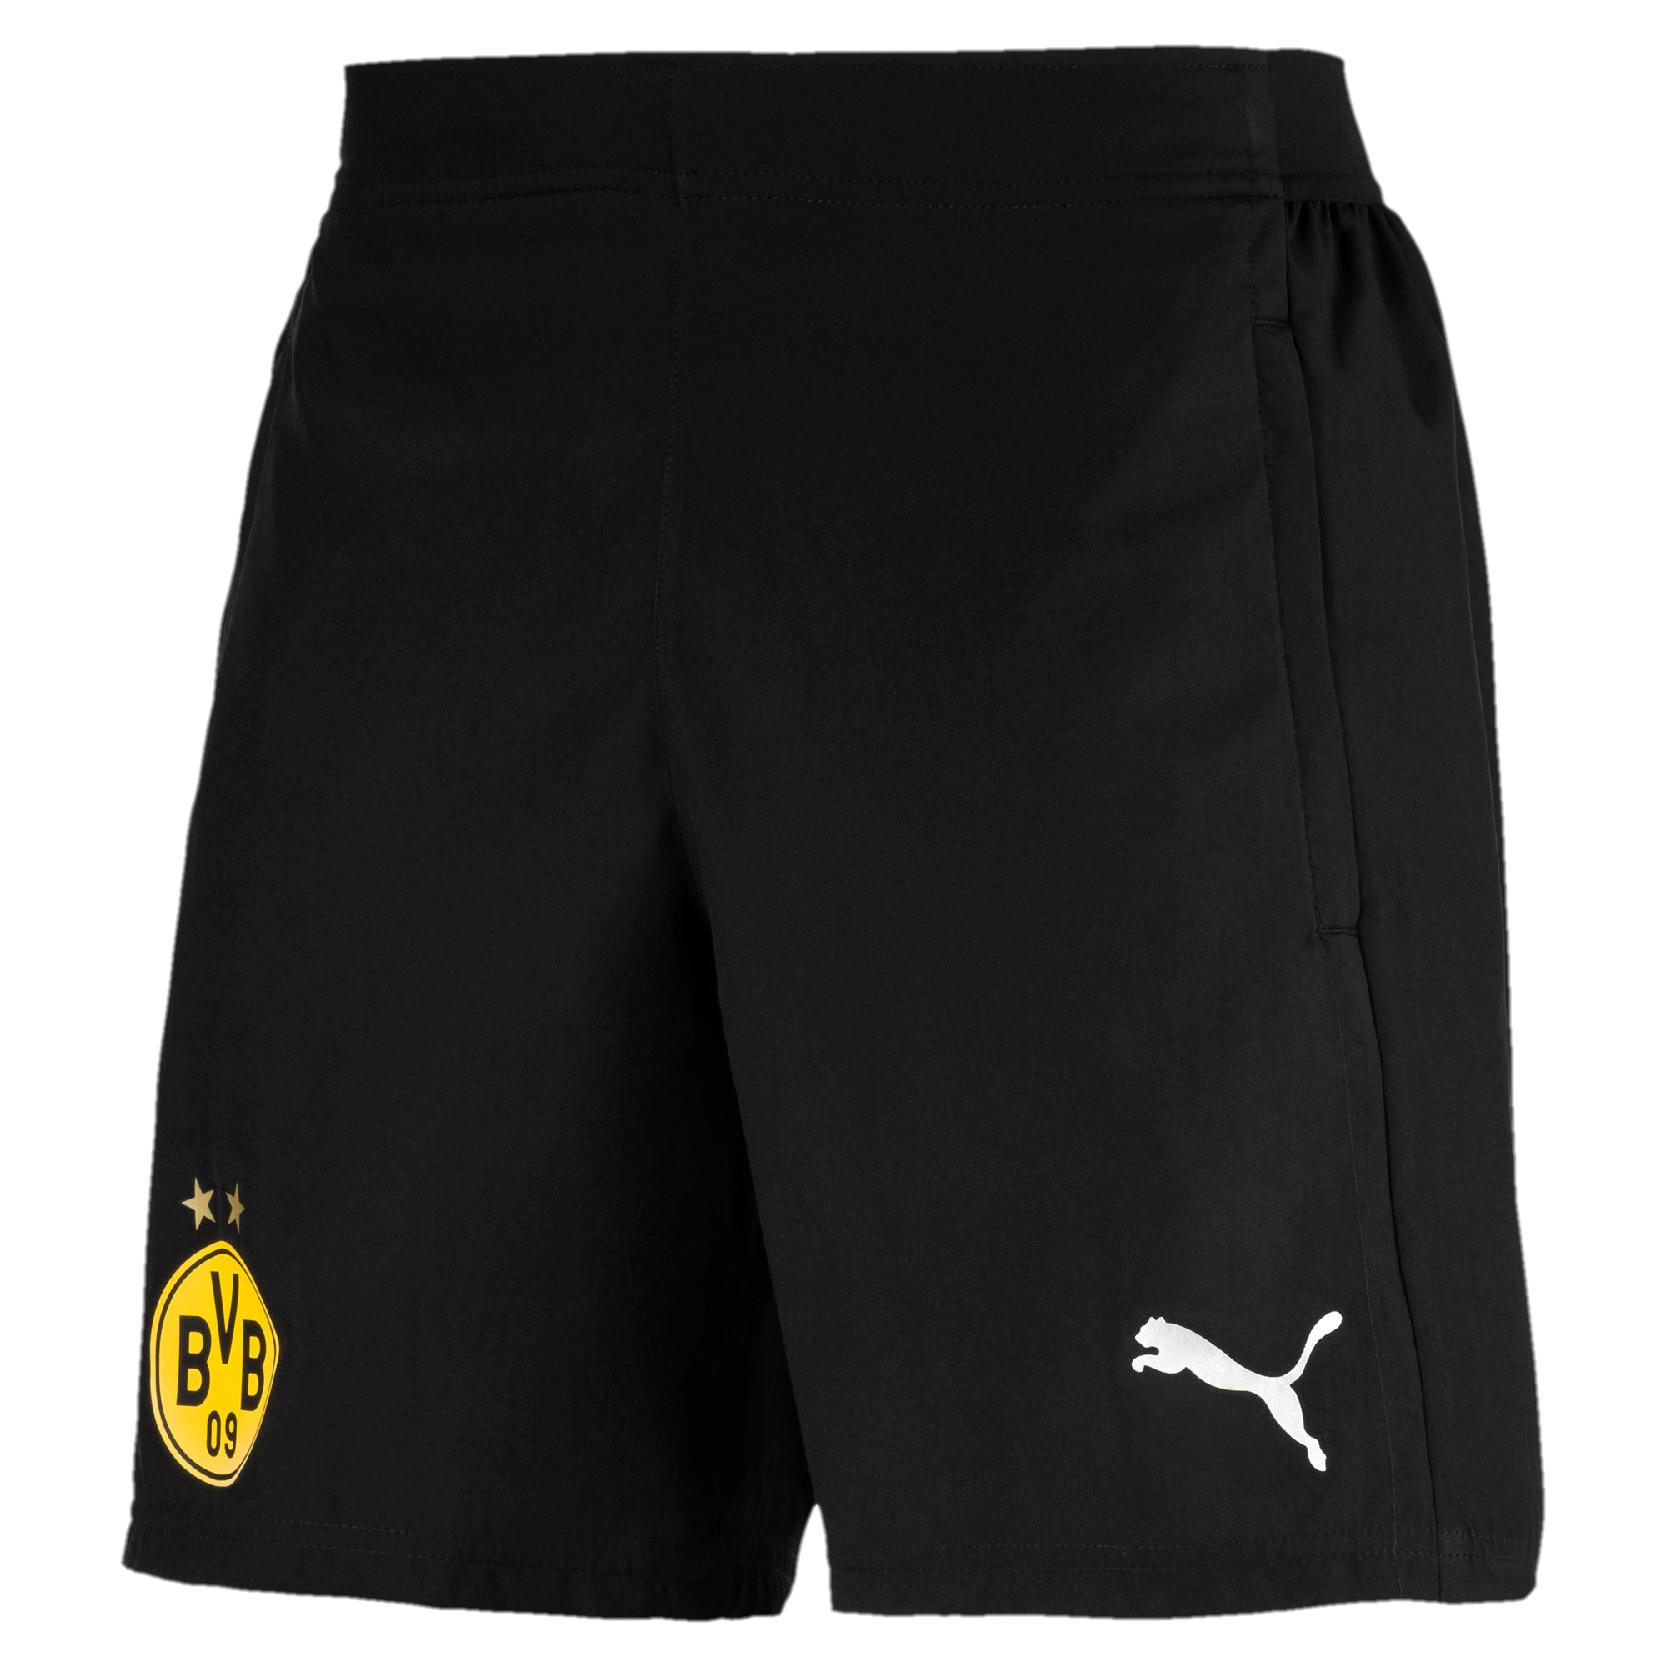 Puma BVB Borussia Dortmund Herren Leisure Short Freizeitshort 753734 02 schwarz